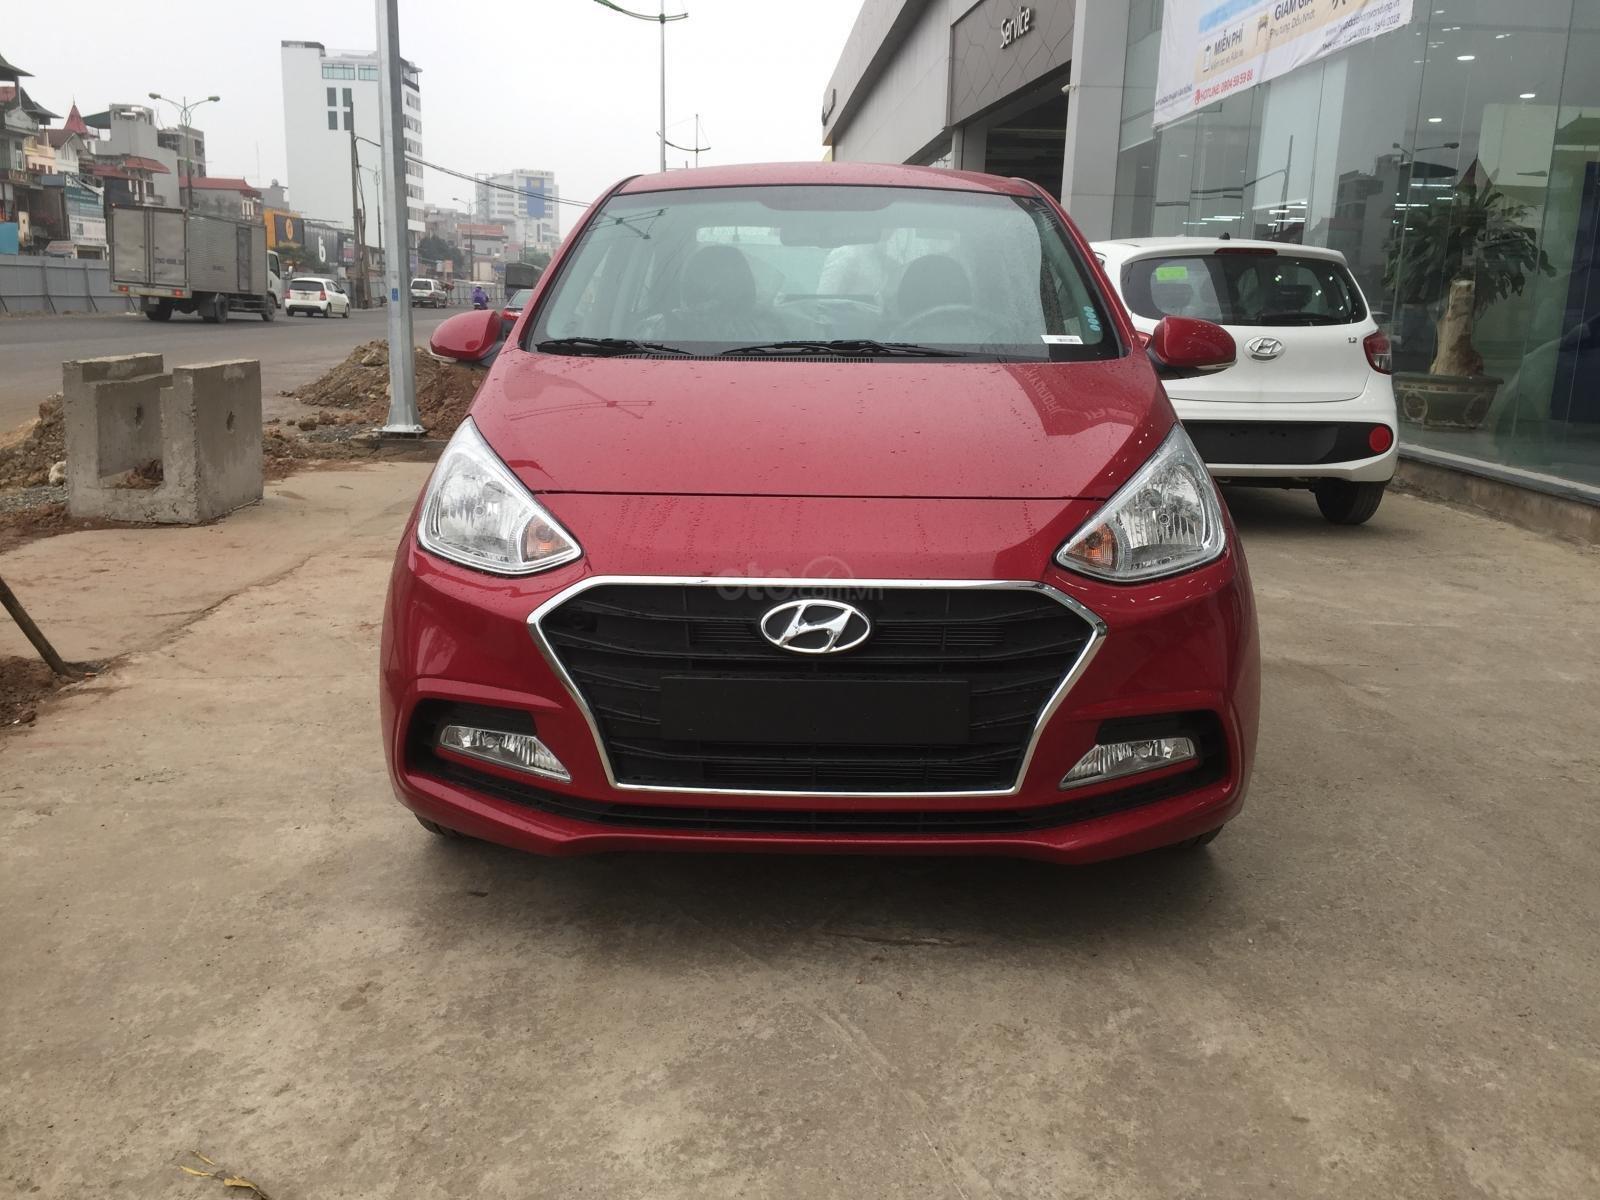 Bán xe Hyundai Grand i10 Sedan MT sản xuất 2019, màu đỏ, xe sẵn giao ngay (1)